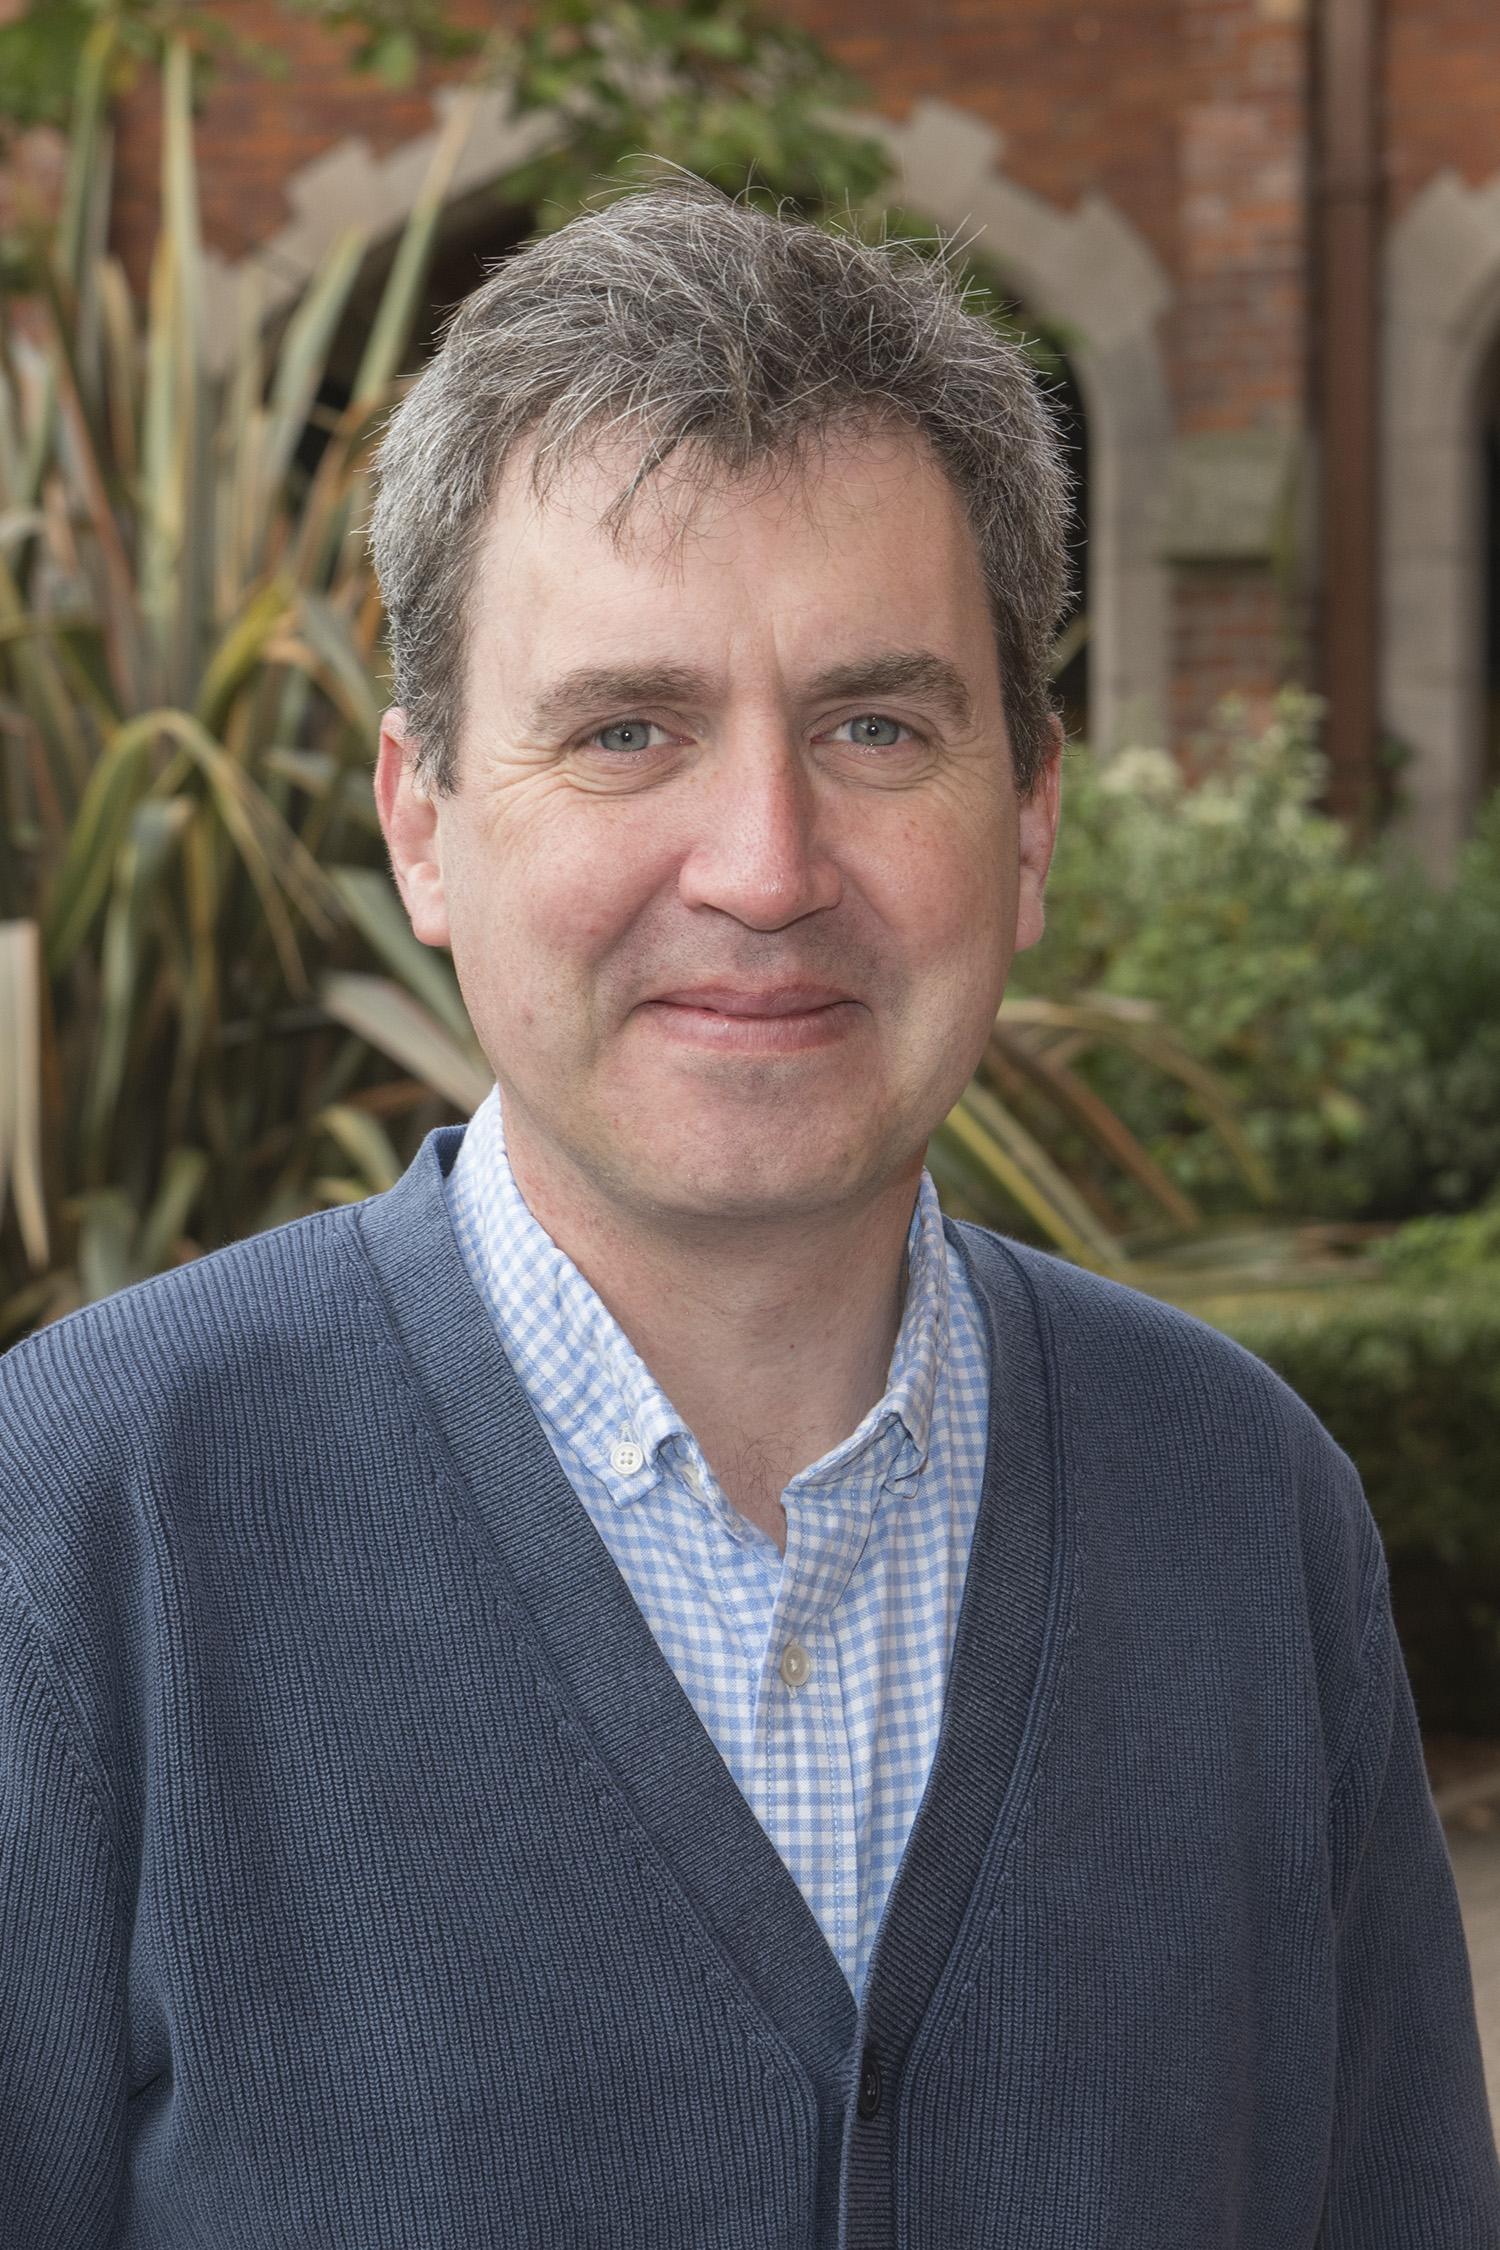 Gavin Davidson